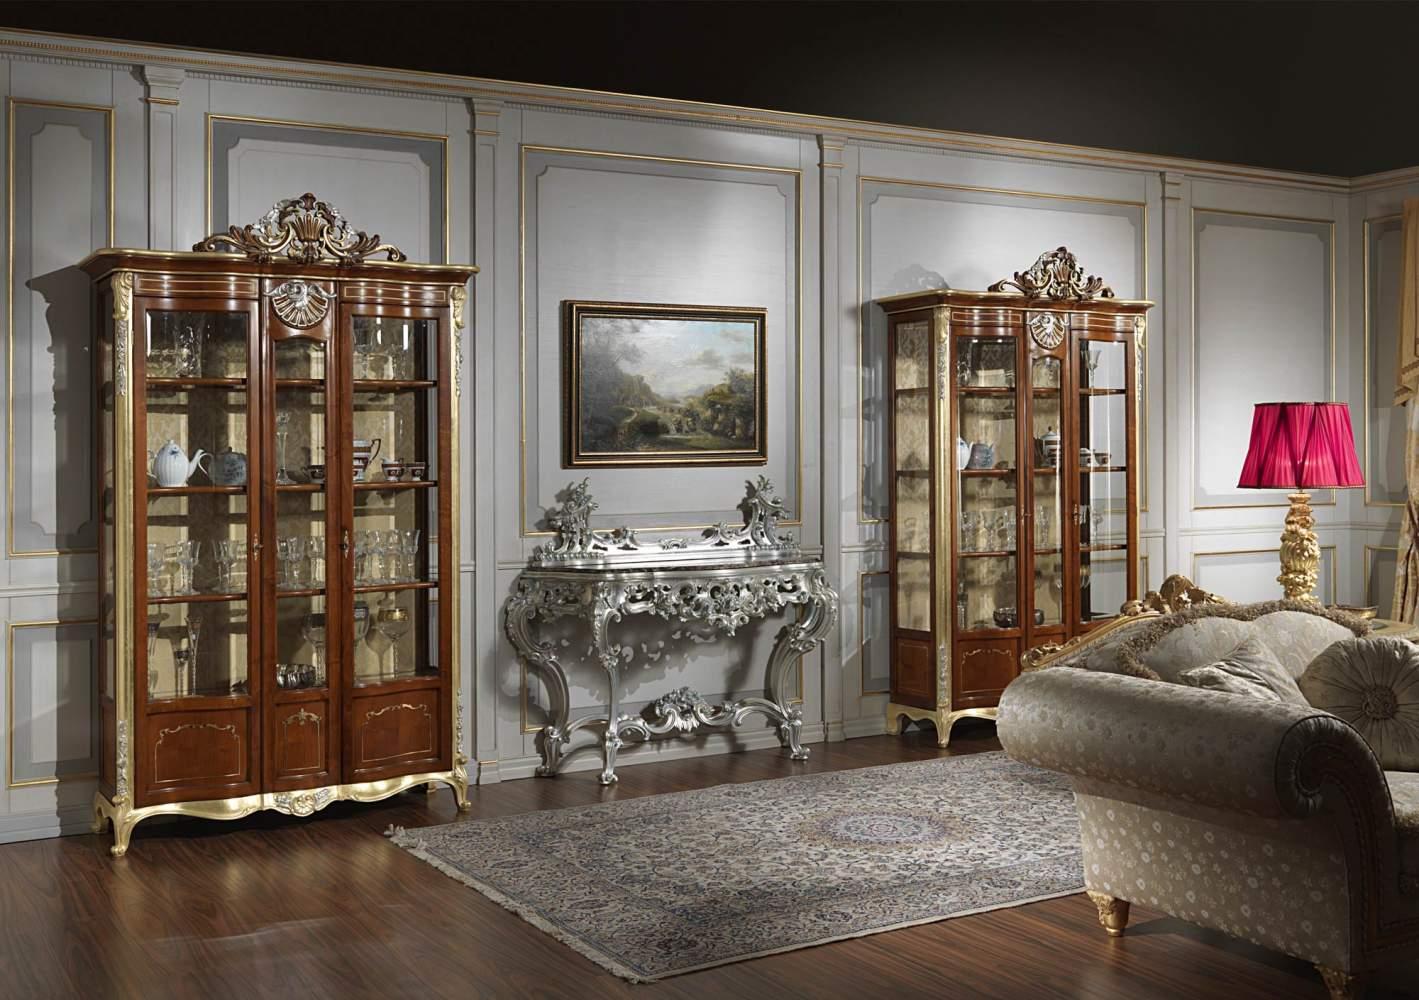 Mobile Vetrina Per Soggiorno In Stile Classico Vimercati Meda #AF1C45 1419 1000 Sala Da Pranzo Classica Accademia Del Mobile